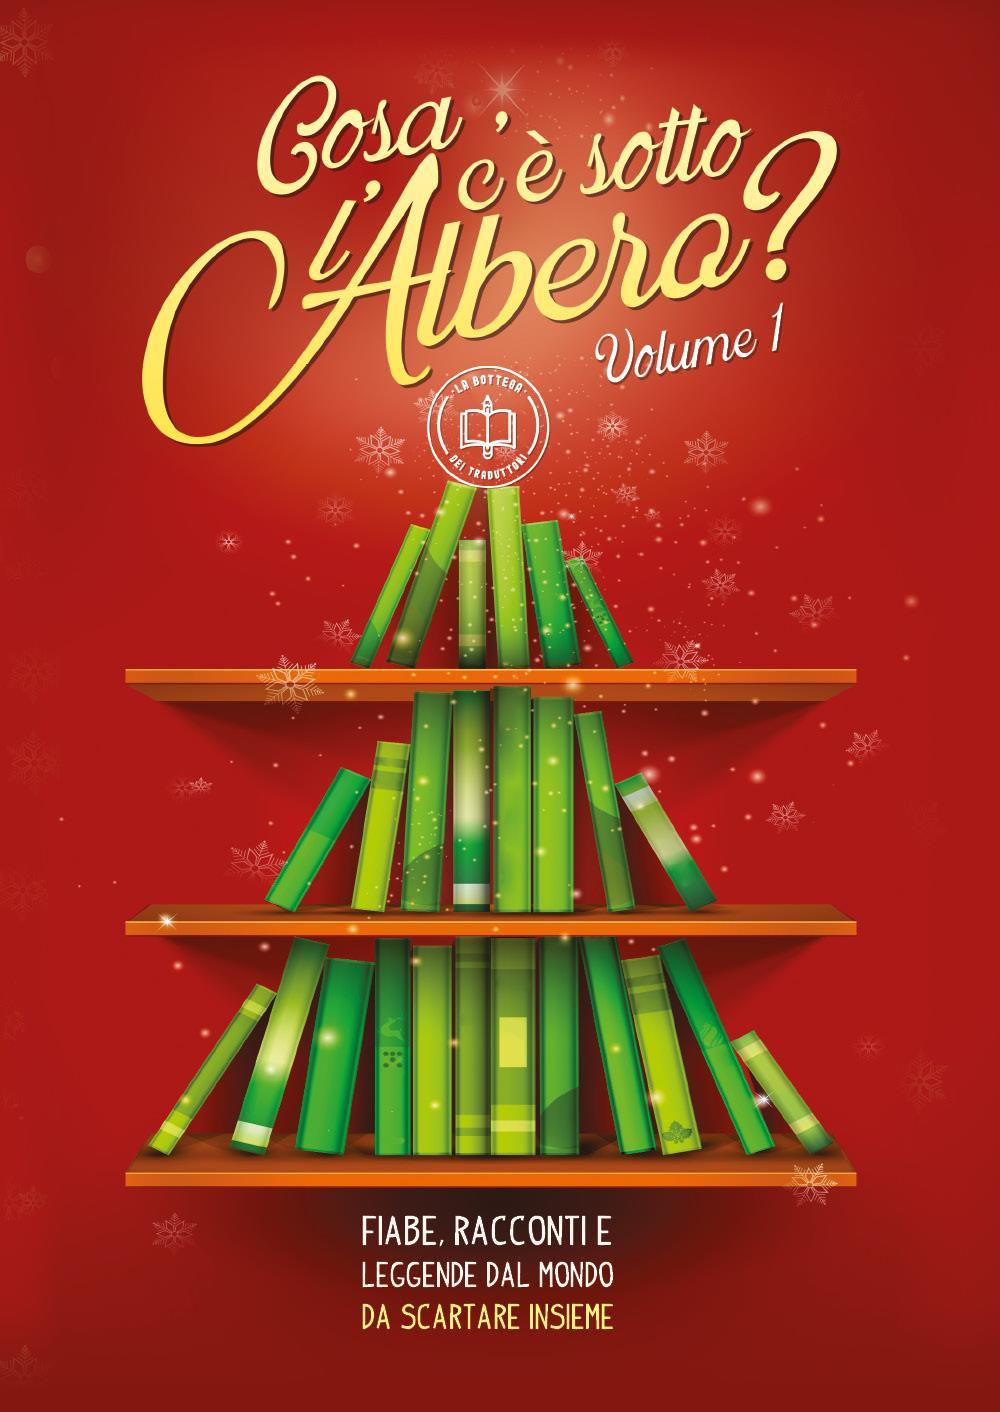 """""""Cosa c'è sotto l'albero?"""" - Fiabe, racconti e leggende dal mondo da scartare insieme (Vol. I)"""